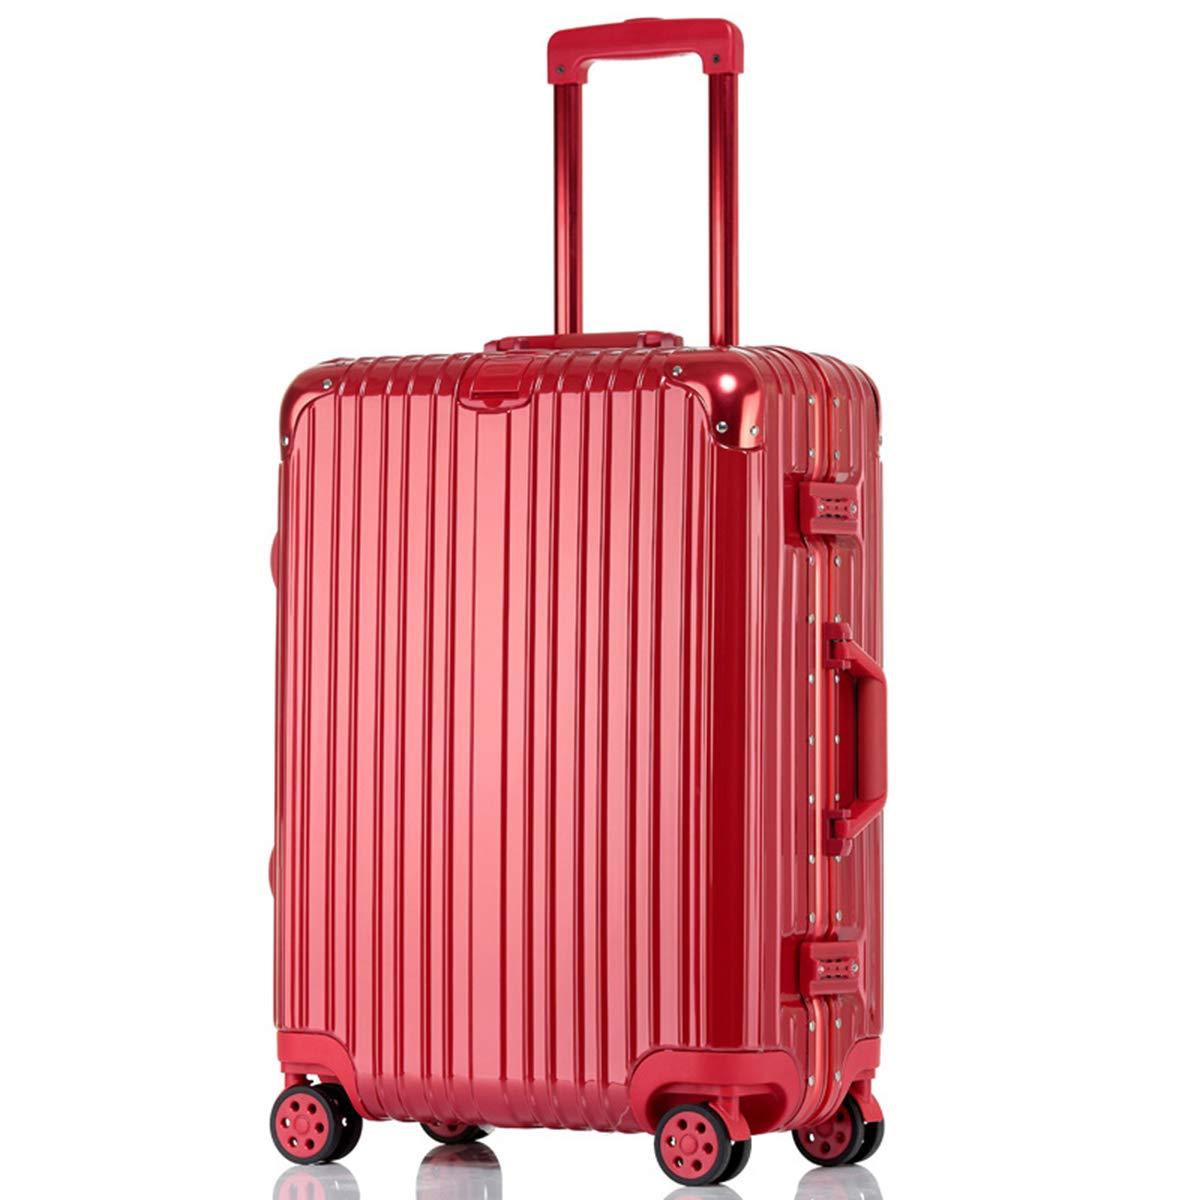 軽量キャビンスーツケースハードシェルABS + PCハンドラゲッジ、360°スピナーホイール&ロックトラベルラゲッジ,26inches,red B07QGS18S5 26inches red